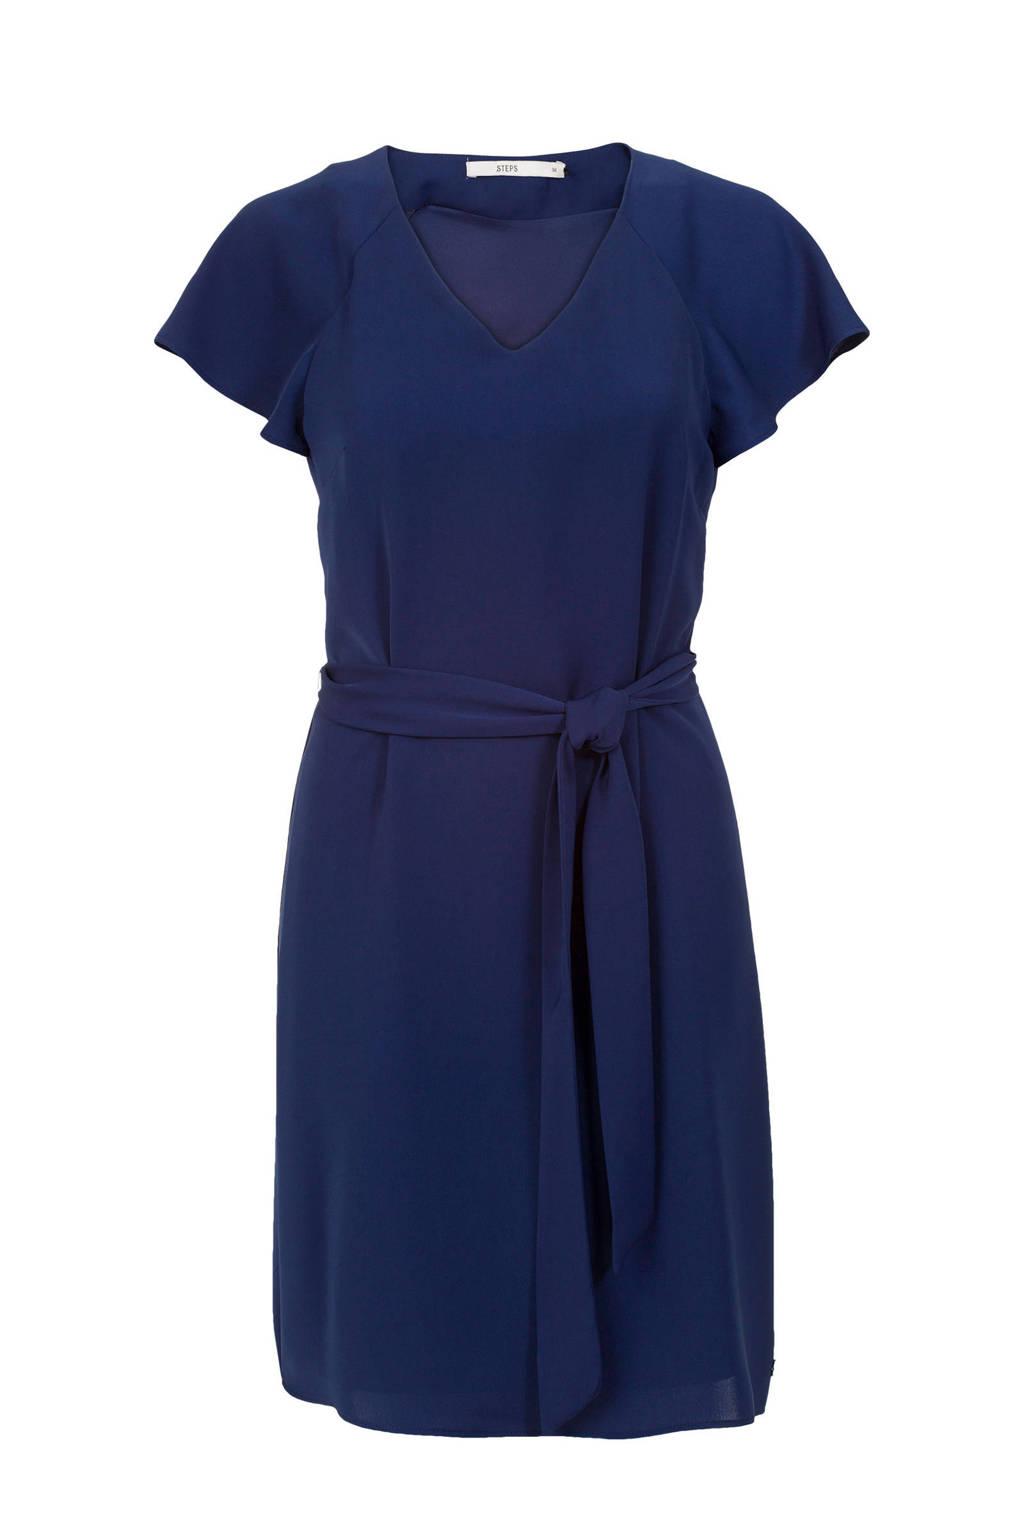 b582ac7d6f0559 Steps jurk donkerblauw